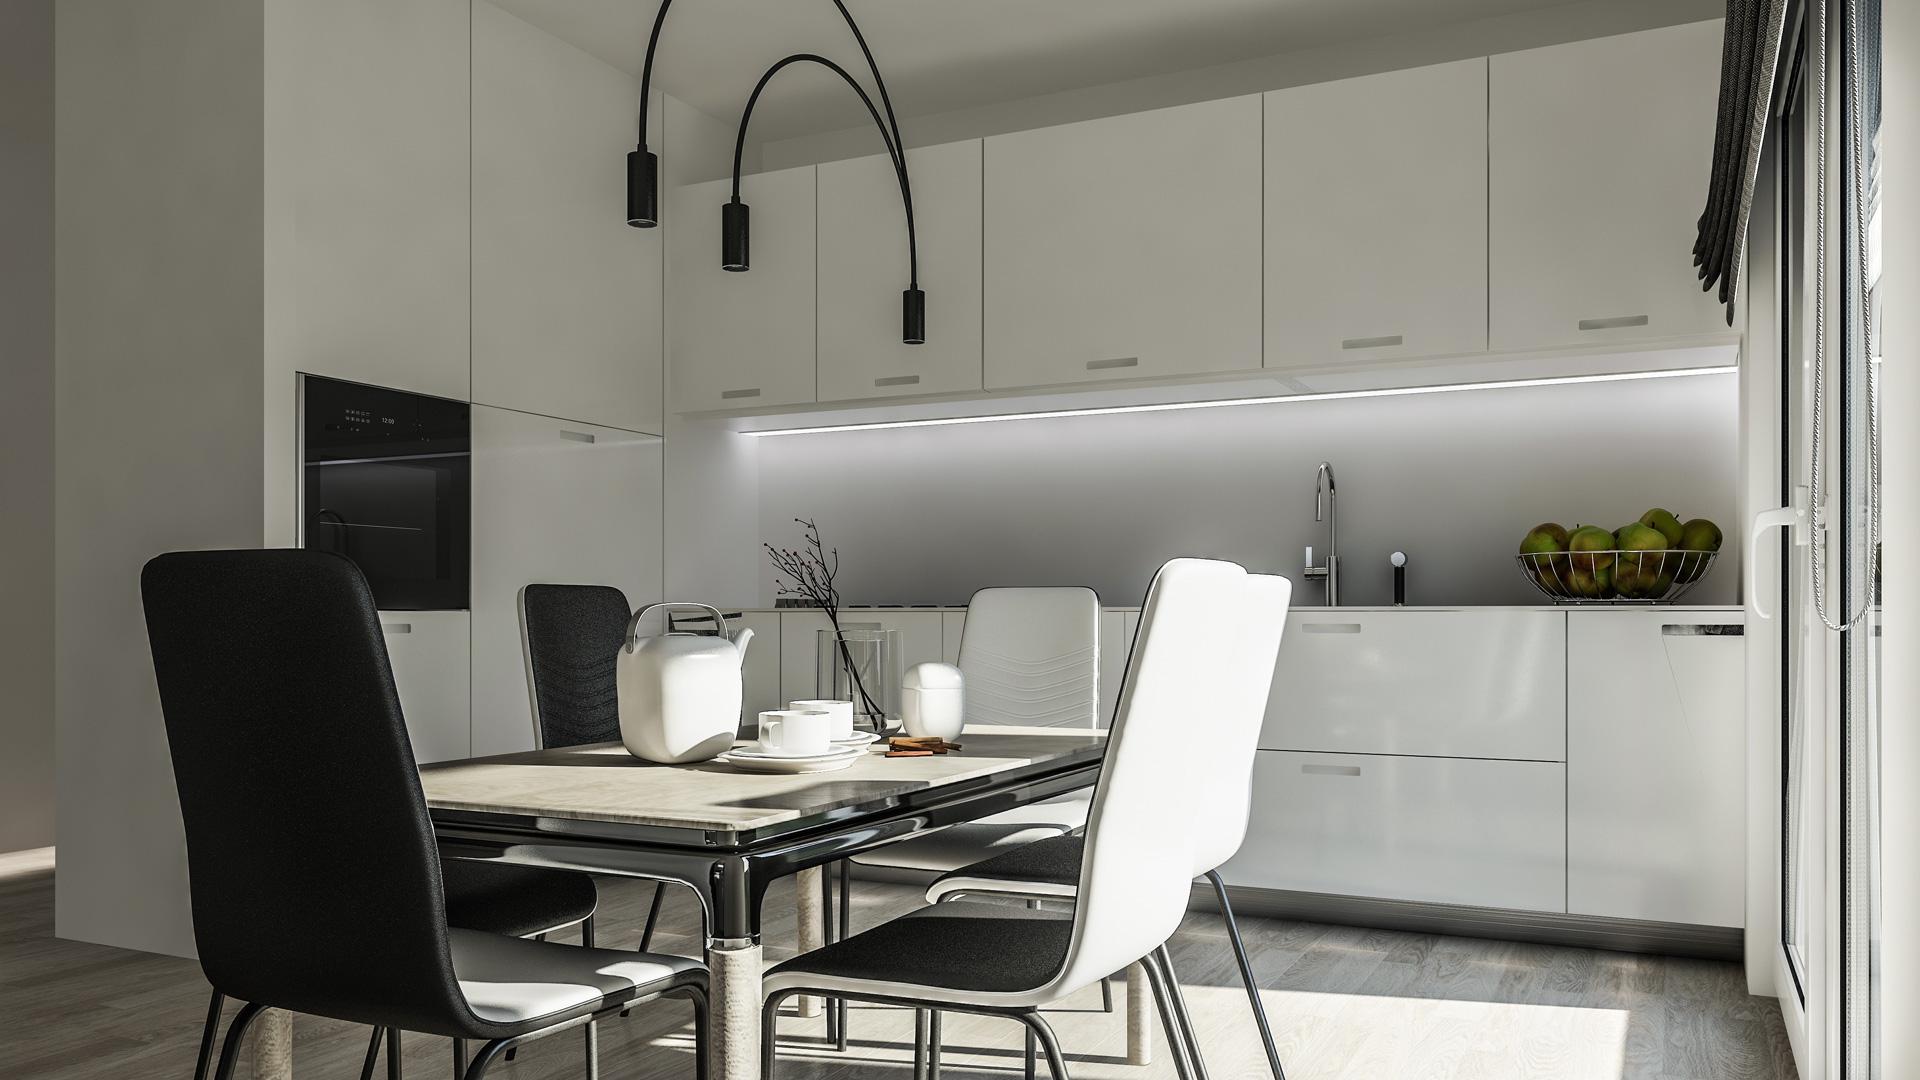 C3 Concept, visualisation 3D à Bulle. Rossens intérieur